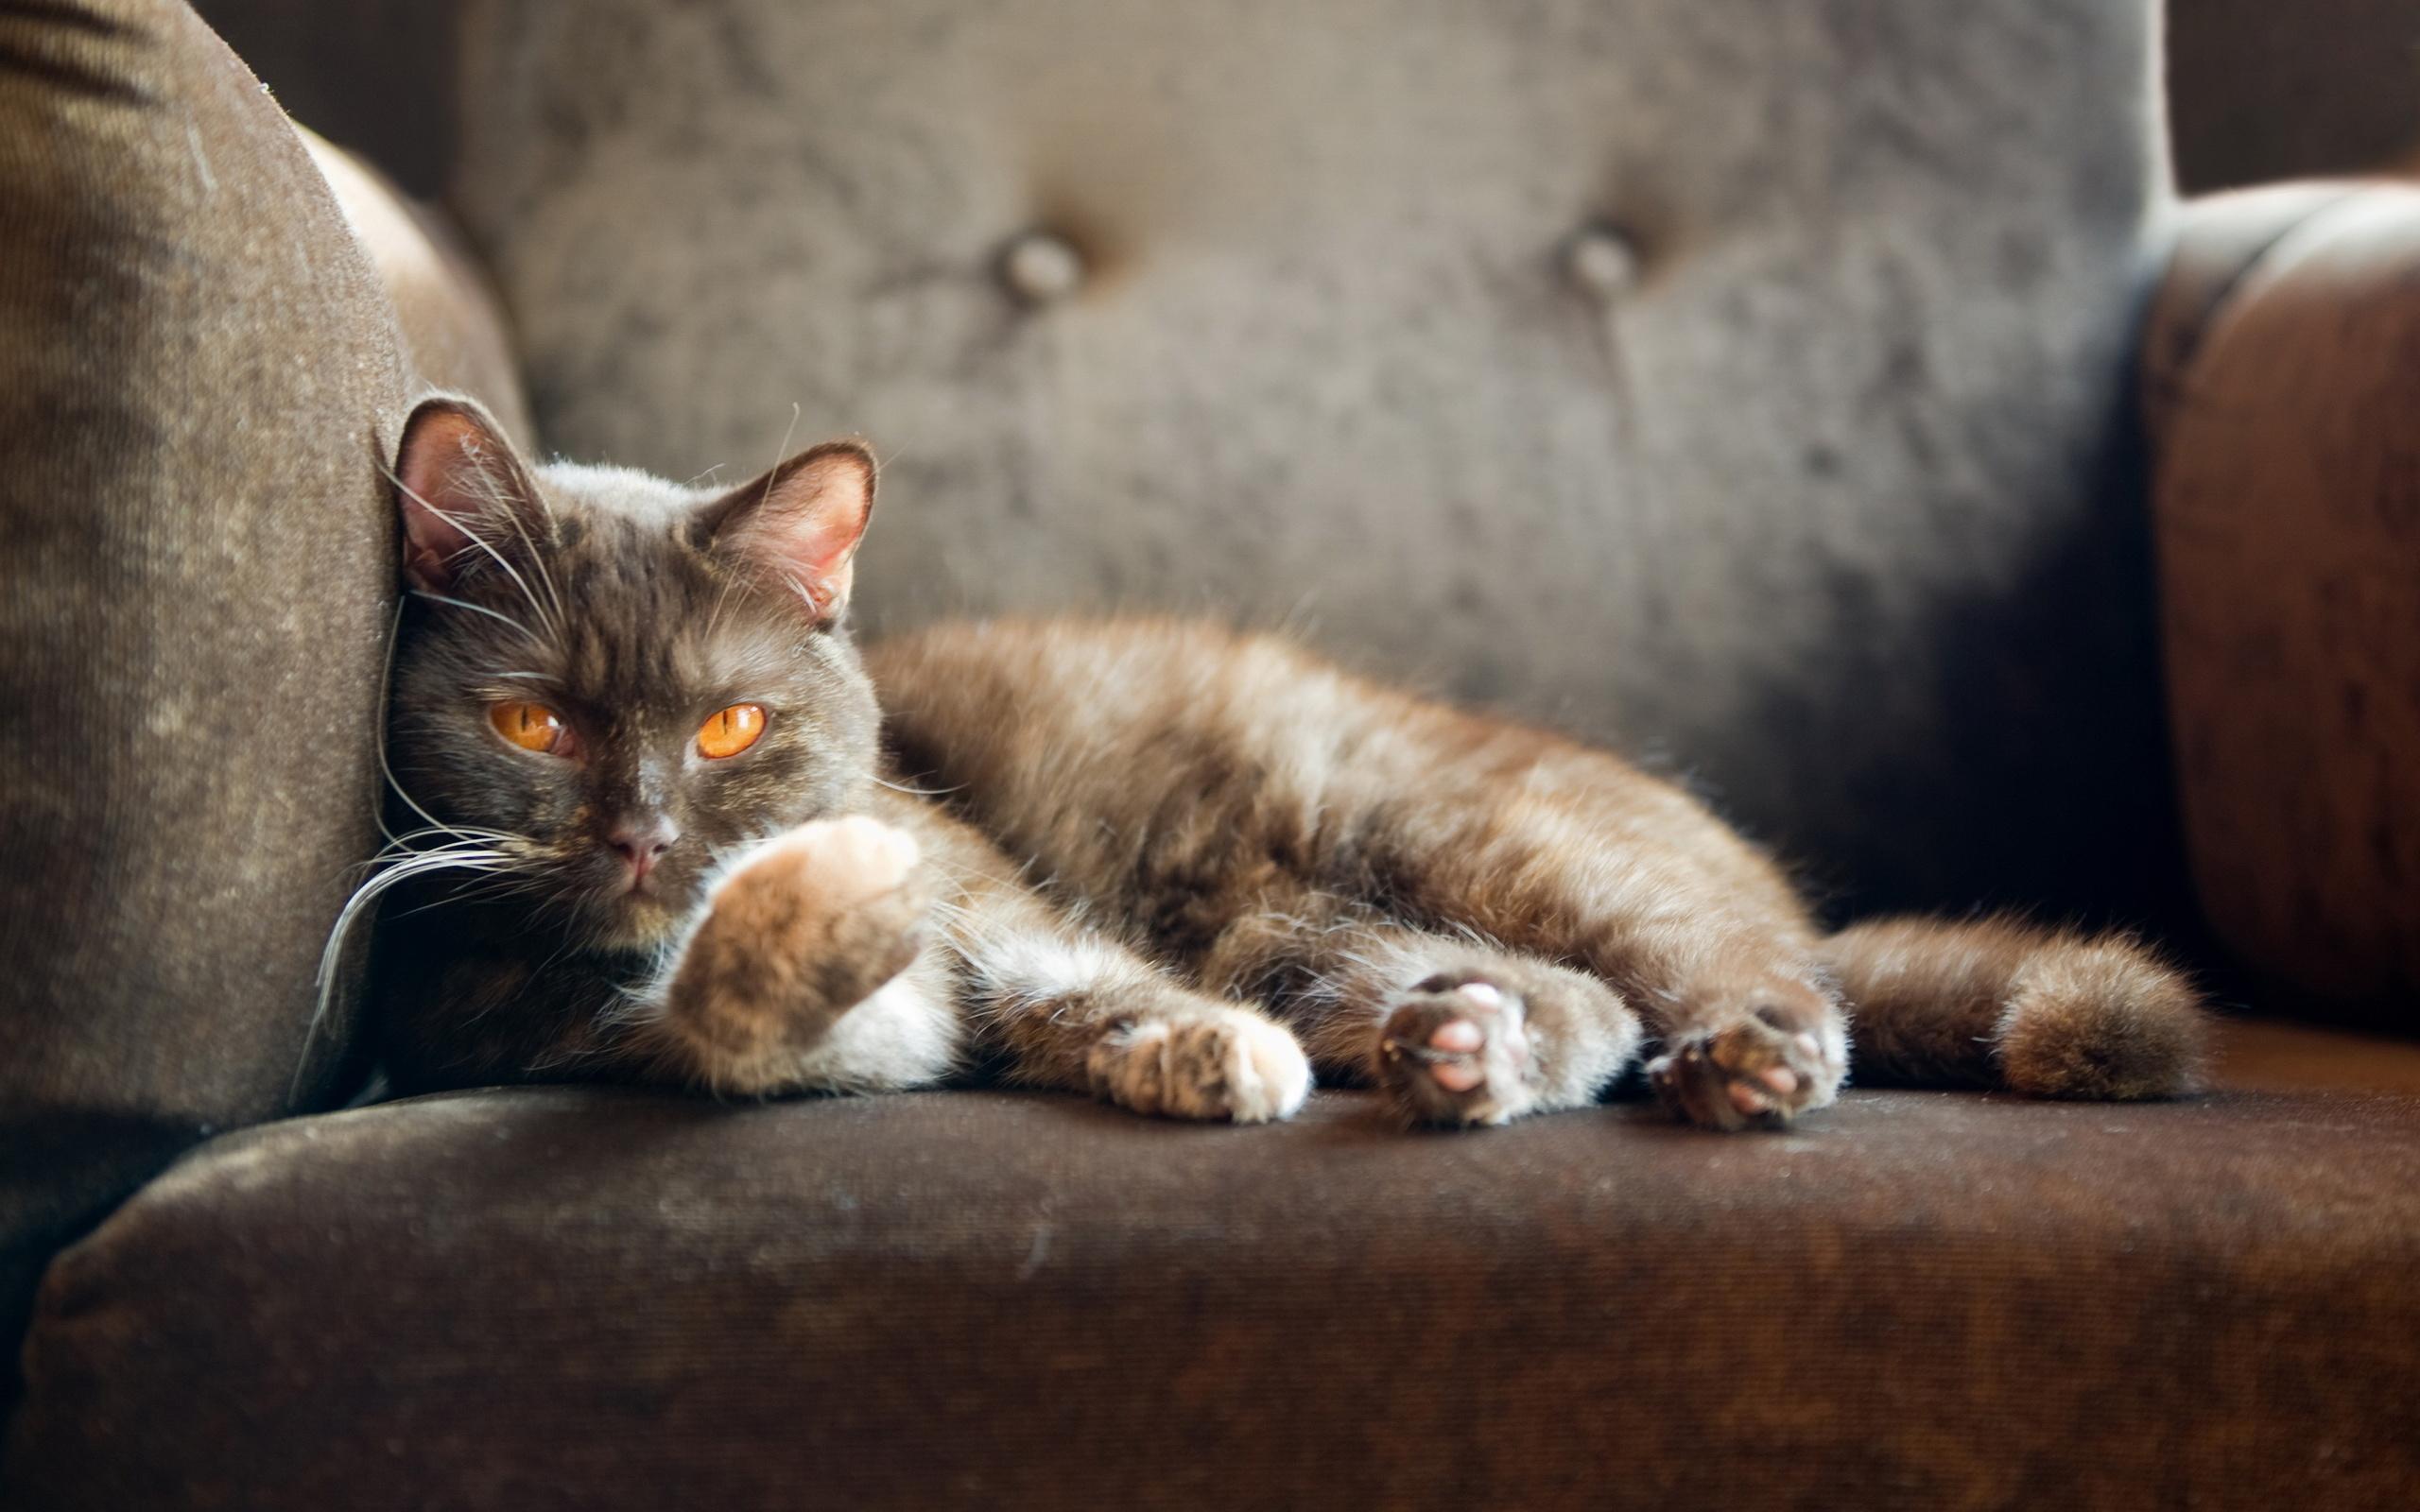 продаются картинки высокого разрешения котик на плече сидит кузов, подрамник кузова